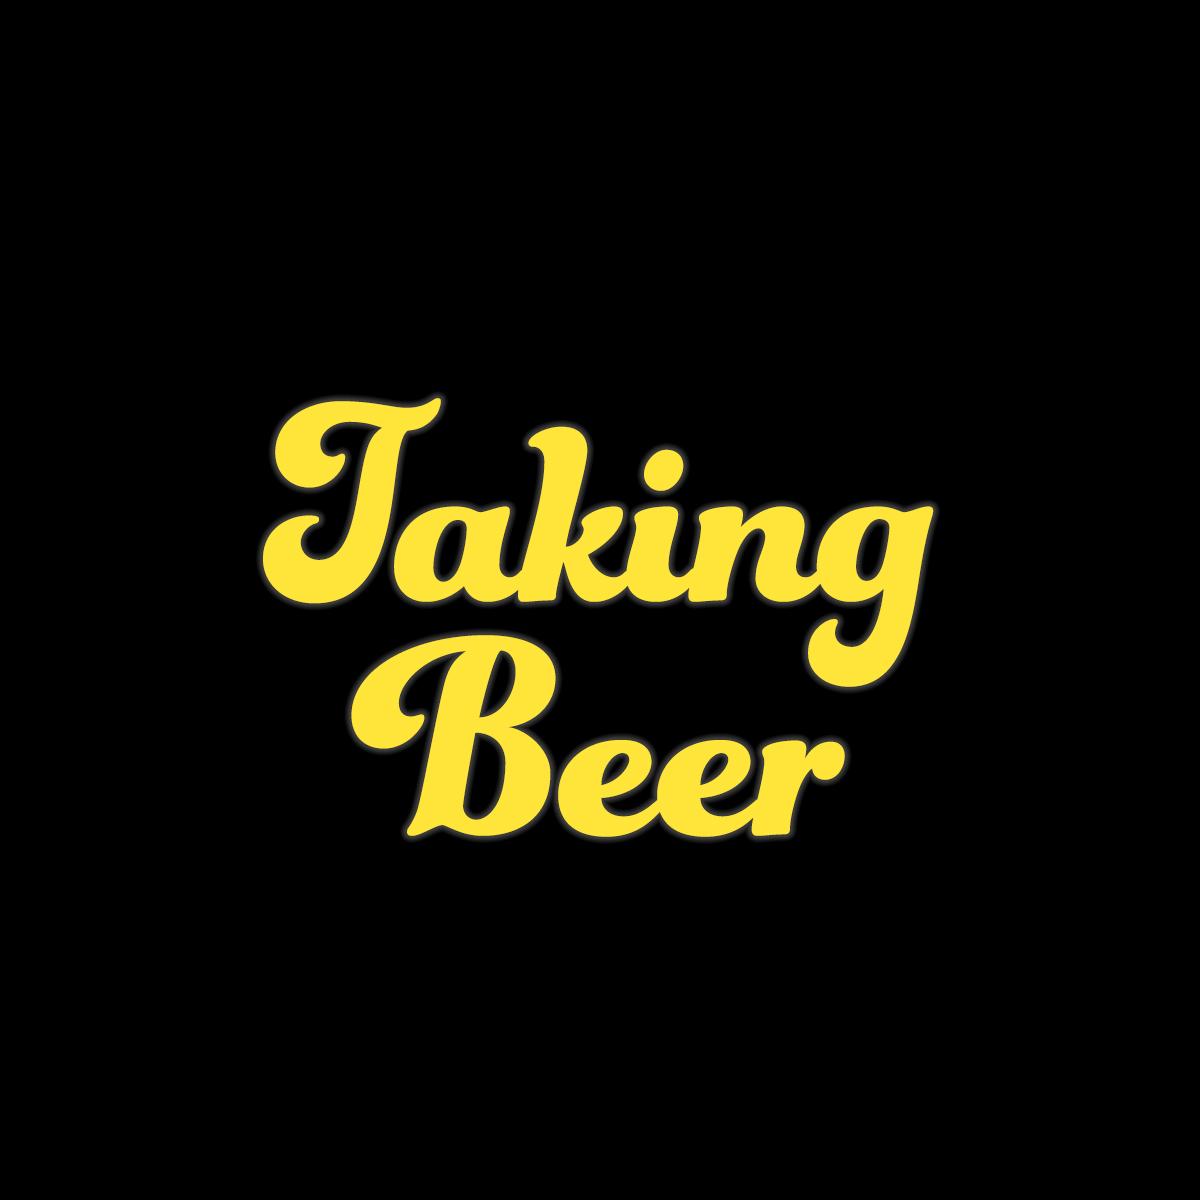 Taking Beer